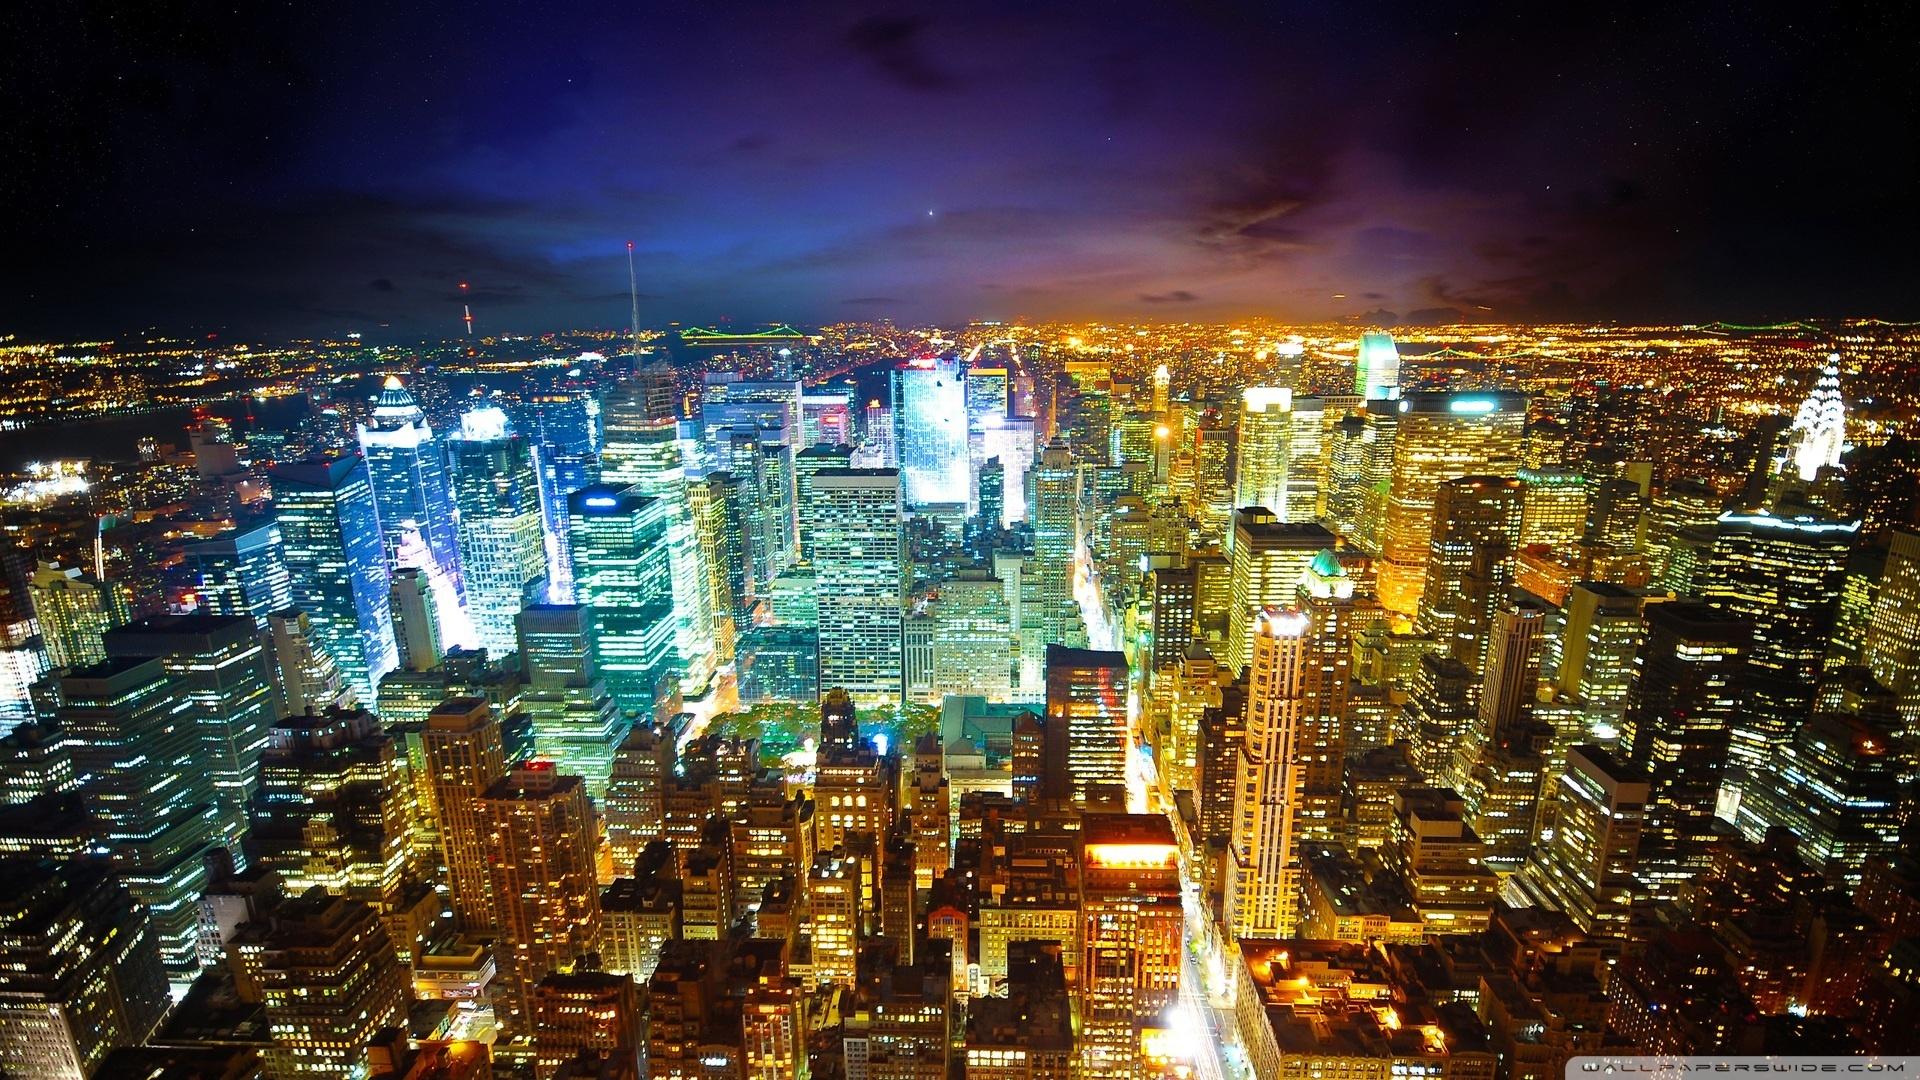 New York City At Night 2 Wallpaper 1920x1080 New York City At 1920x1080